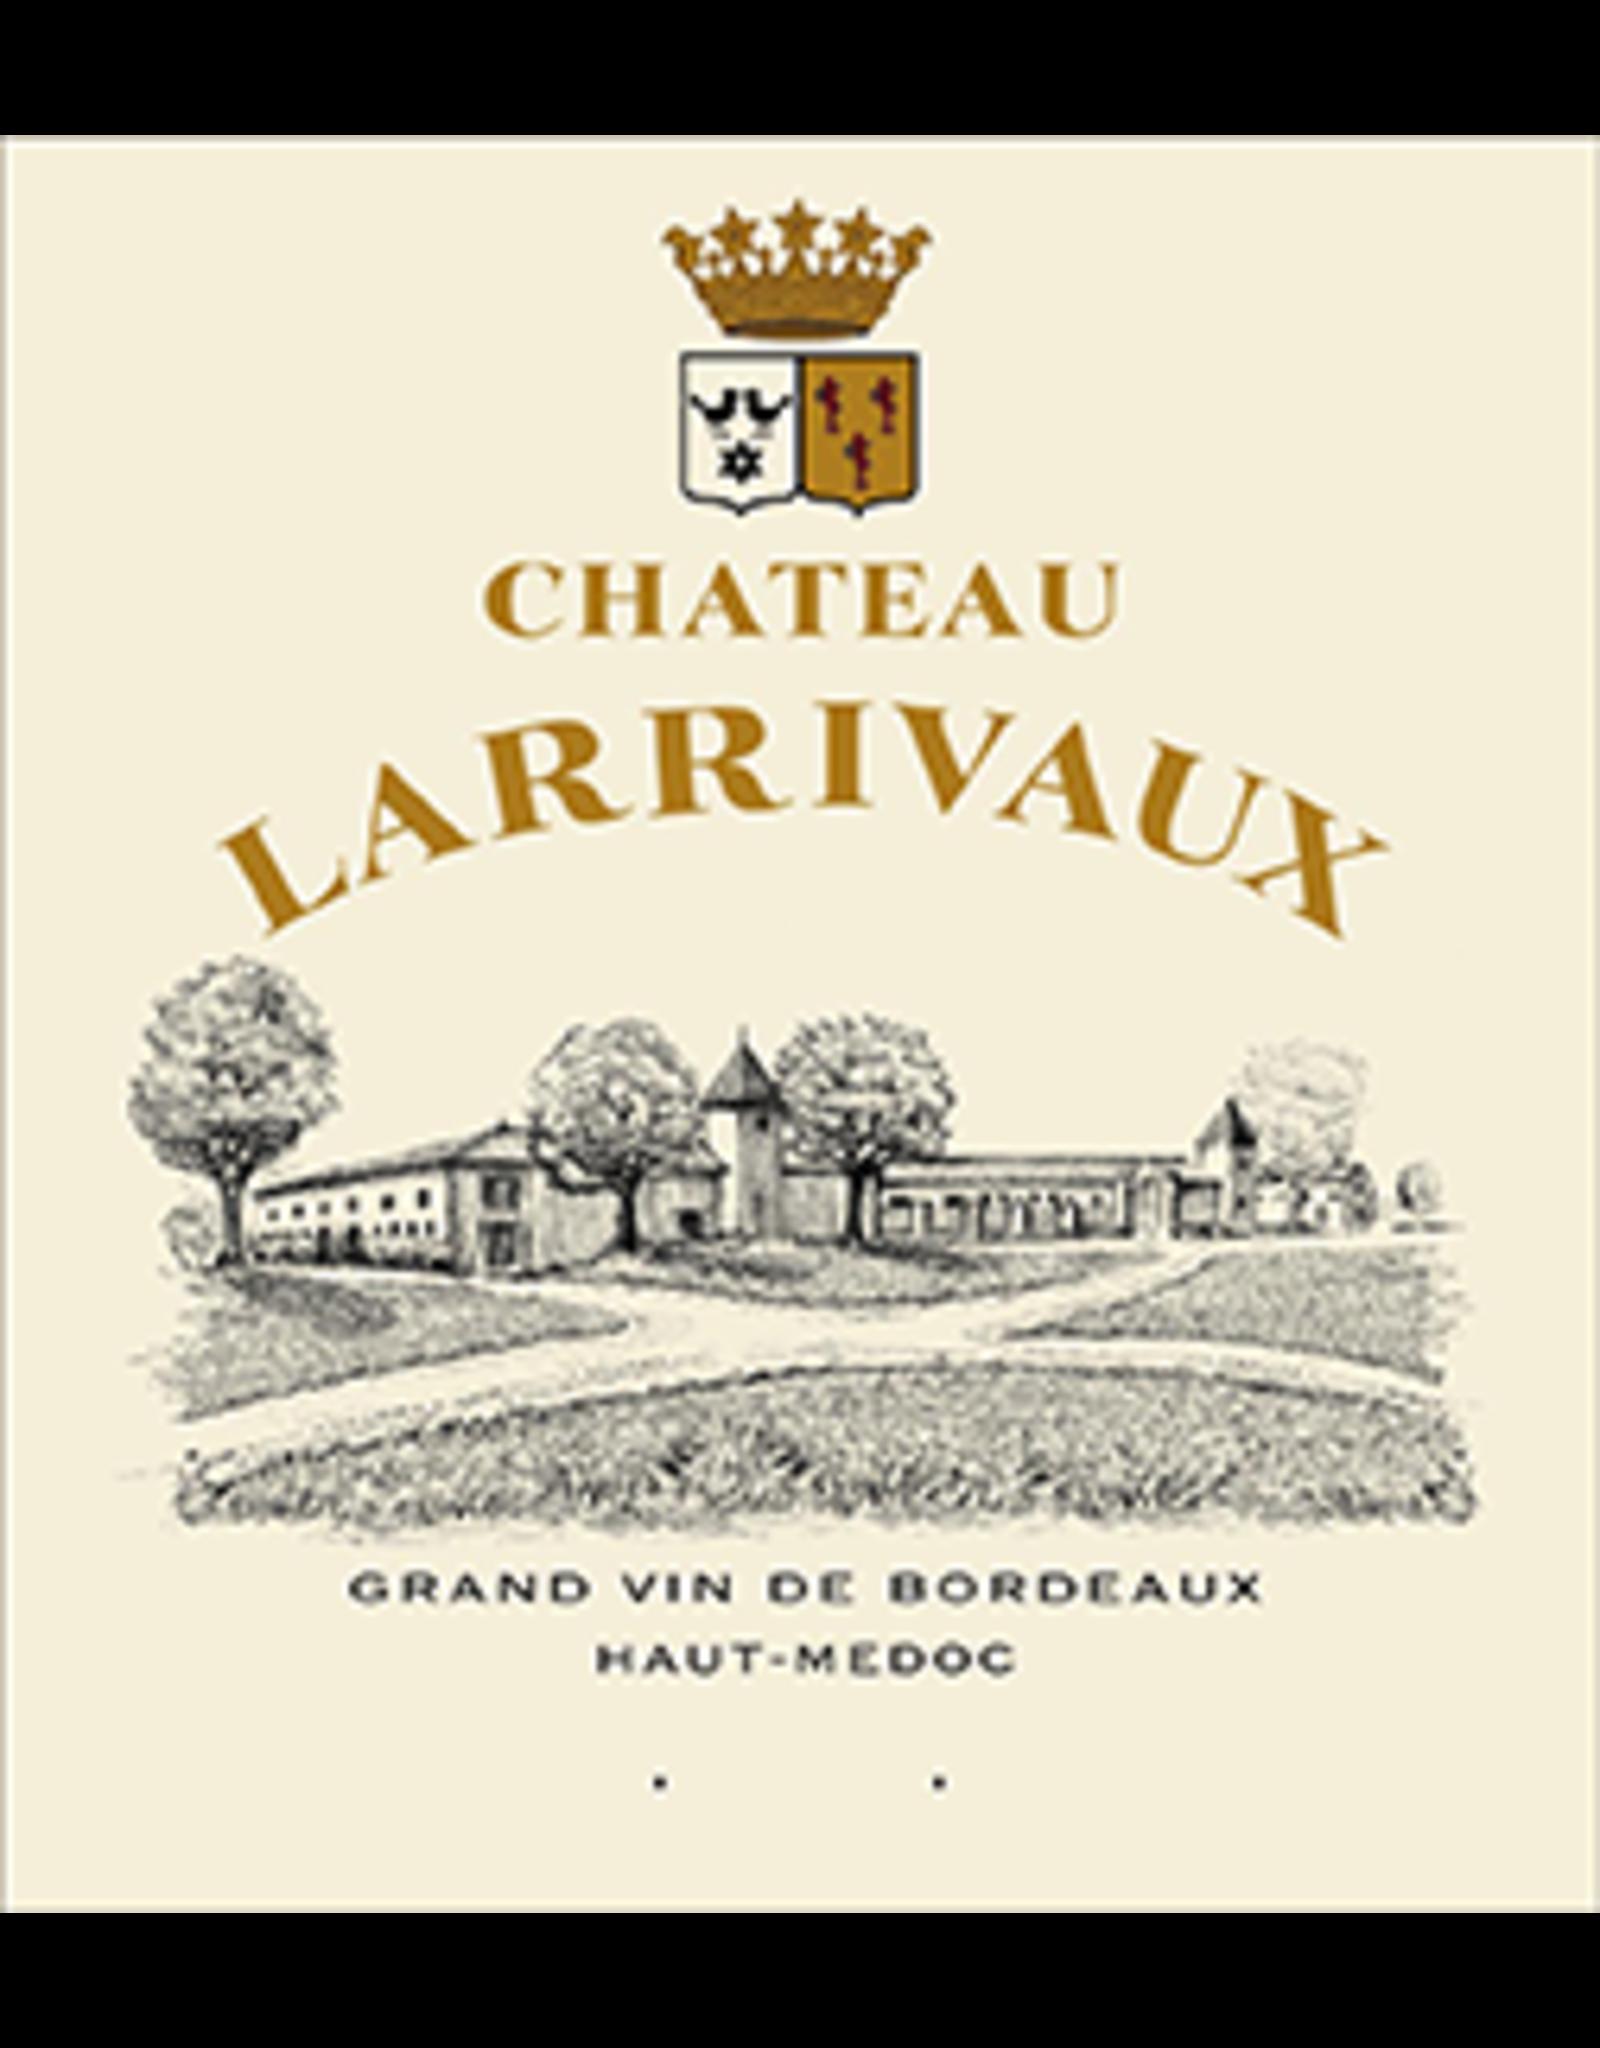 Château Larrivaux Château Larrivaux 2017 - Haut-Médoc